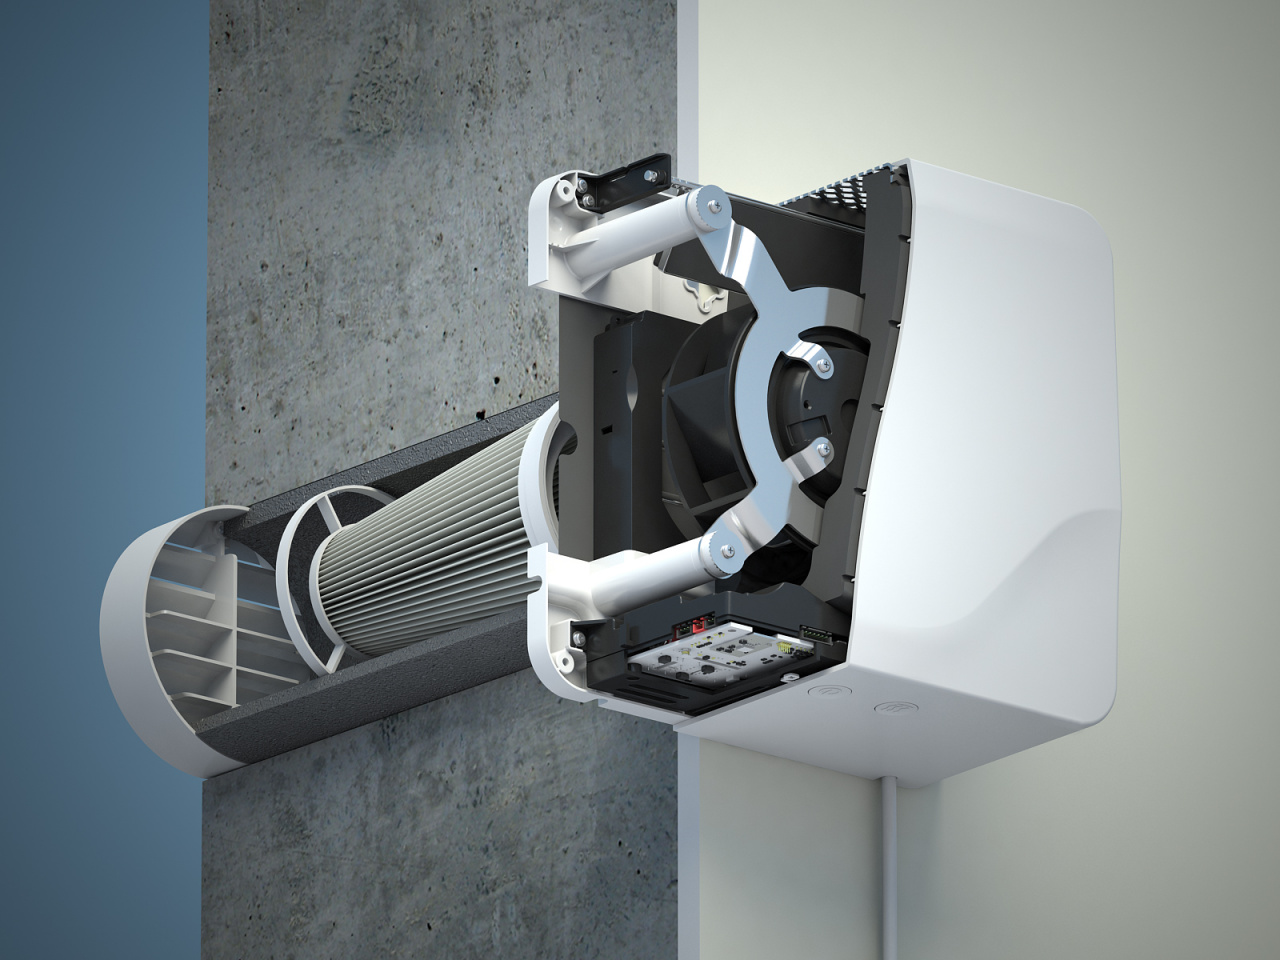 настенная система вентиляции